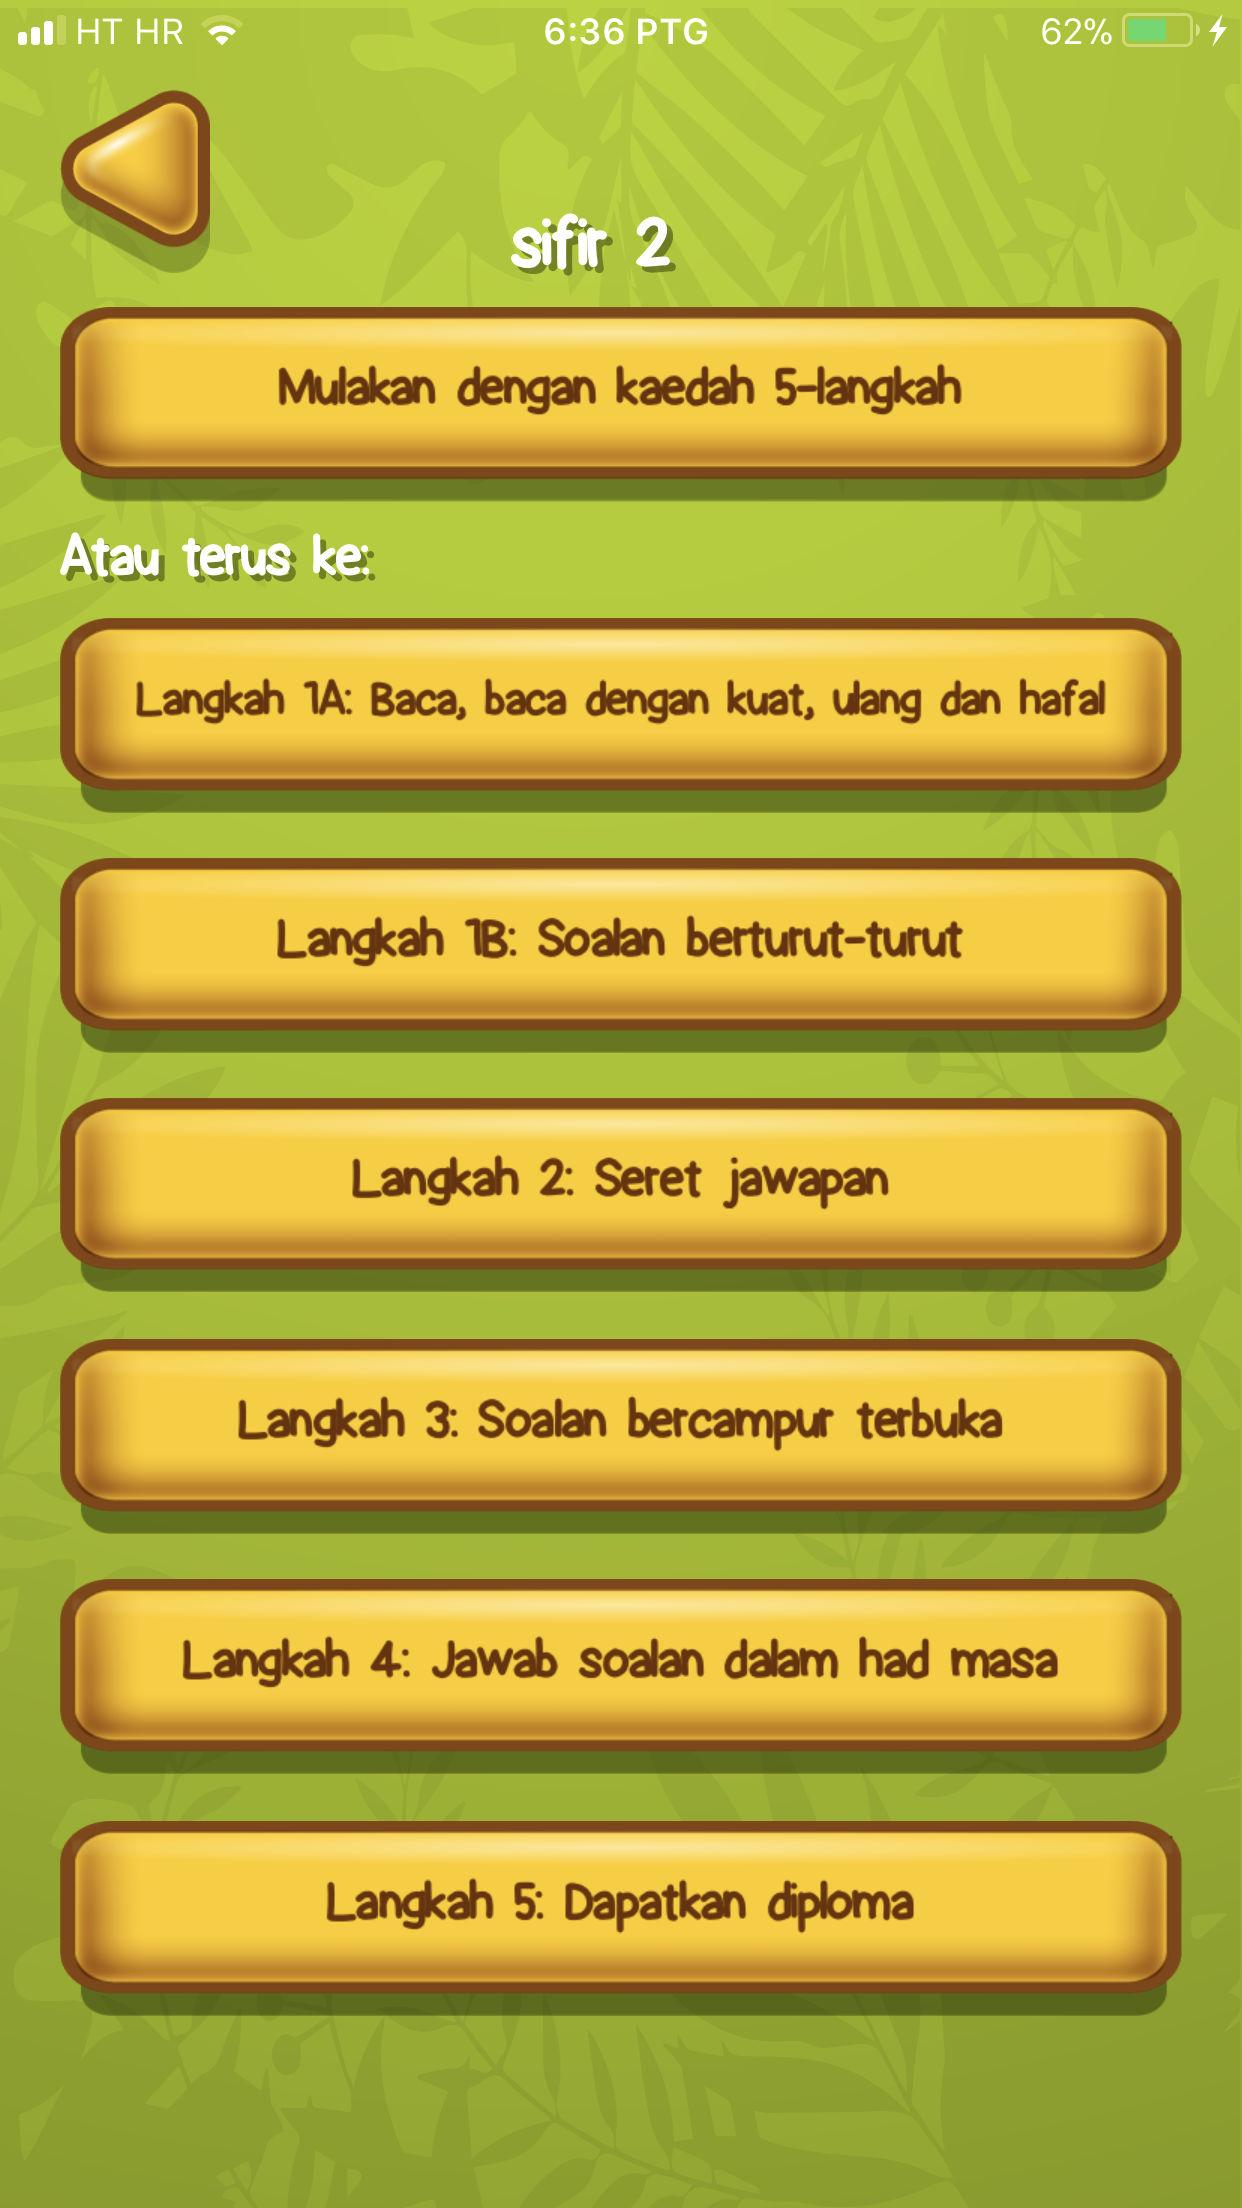 Contoh 2 Aplikasi Darab